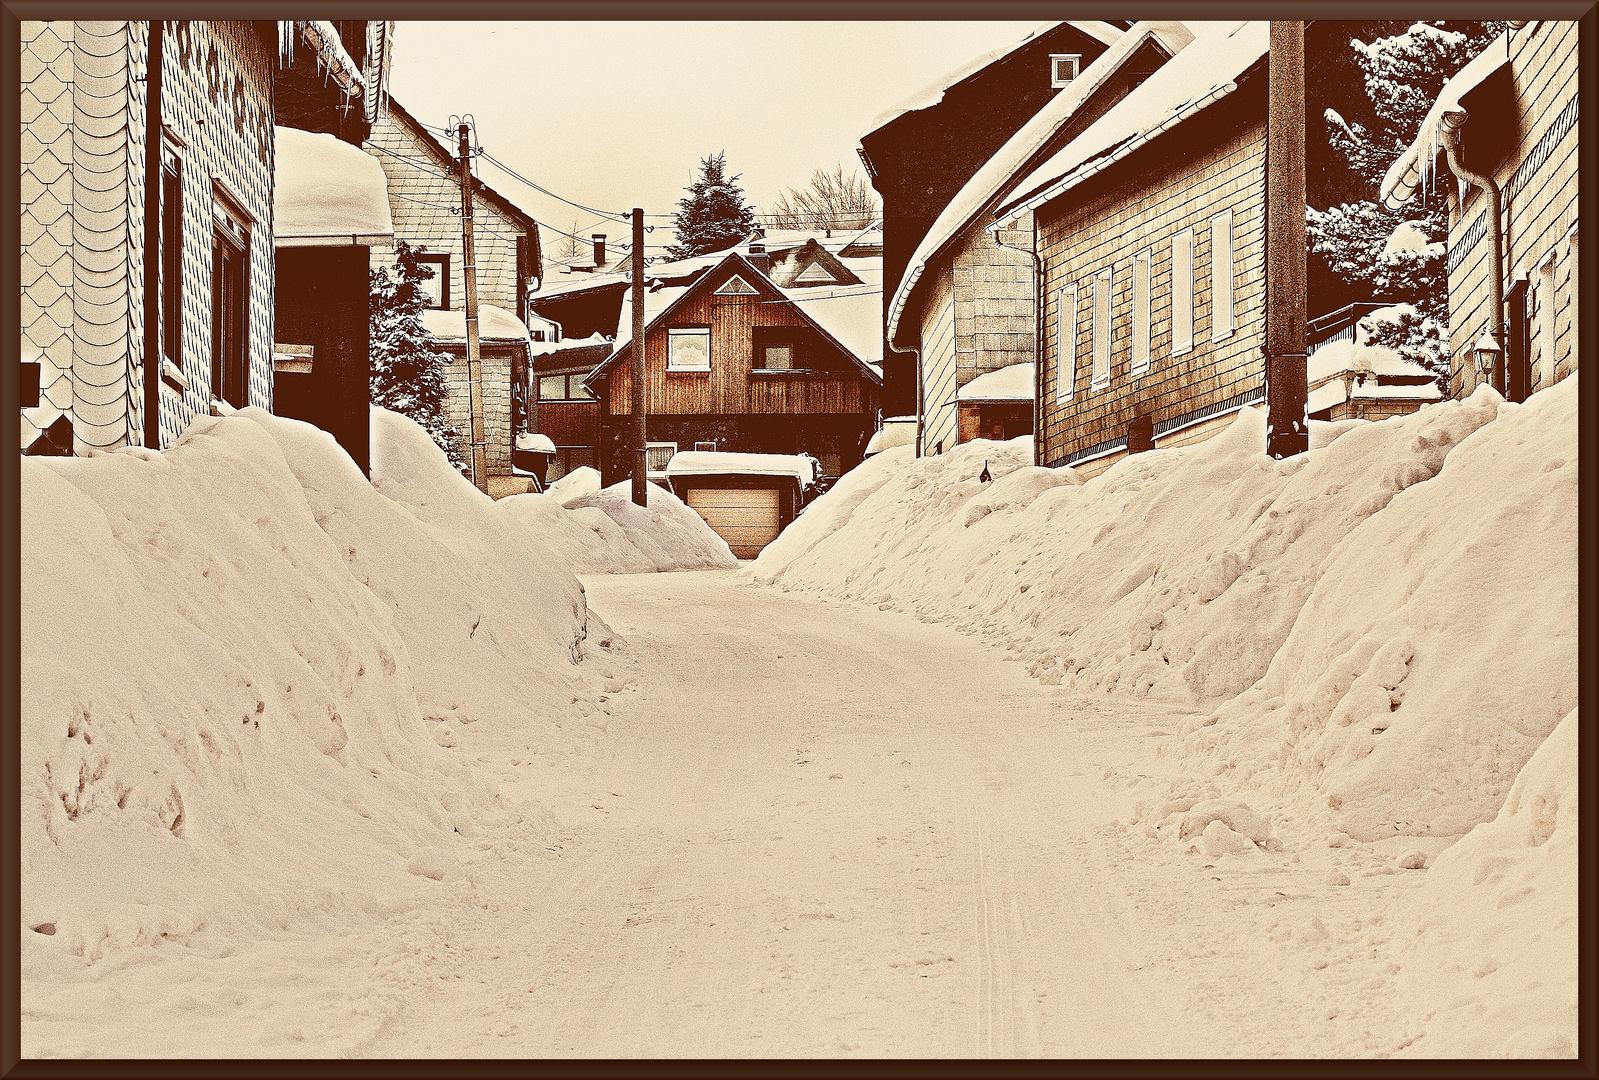 Schnee-satt.